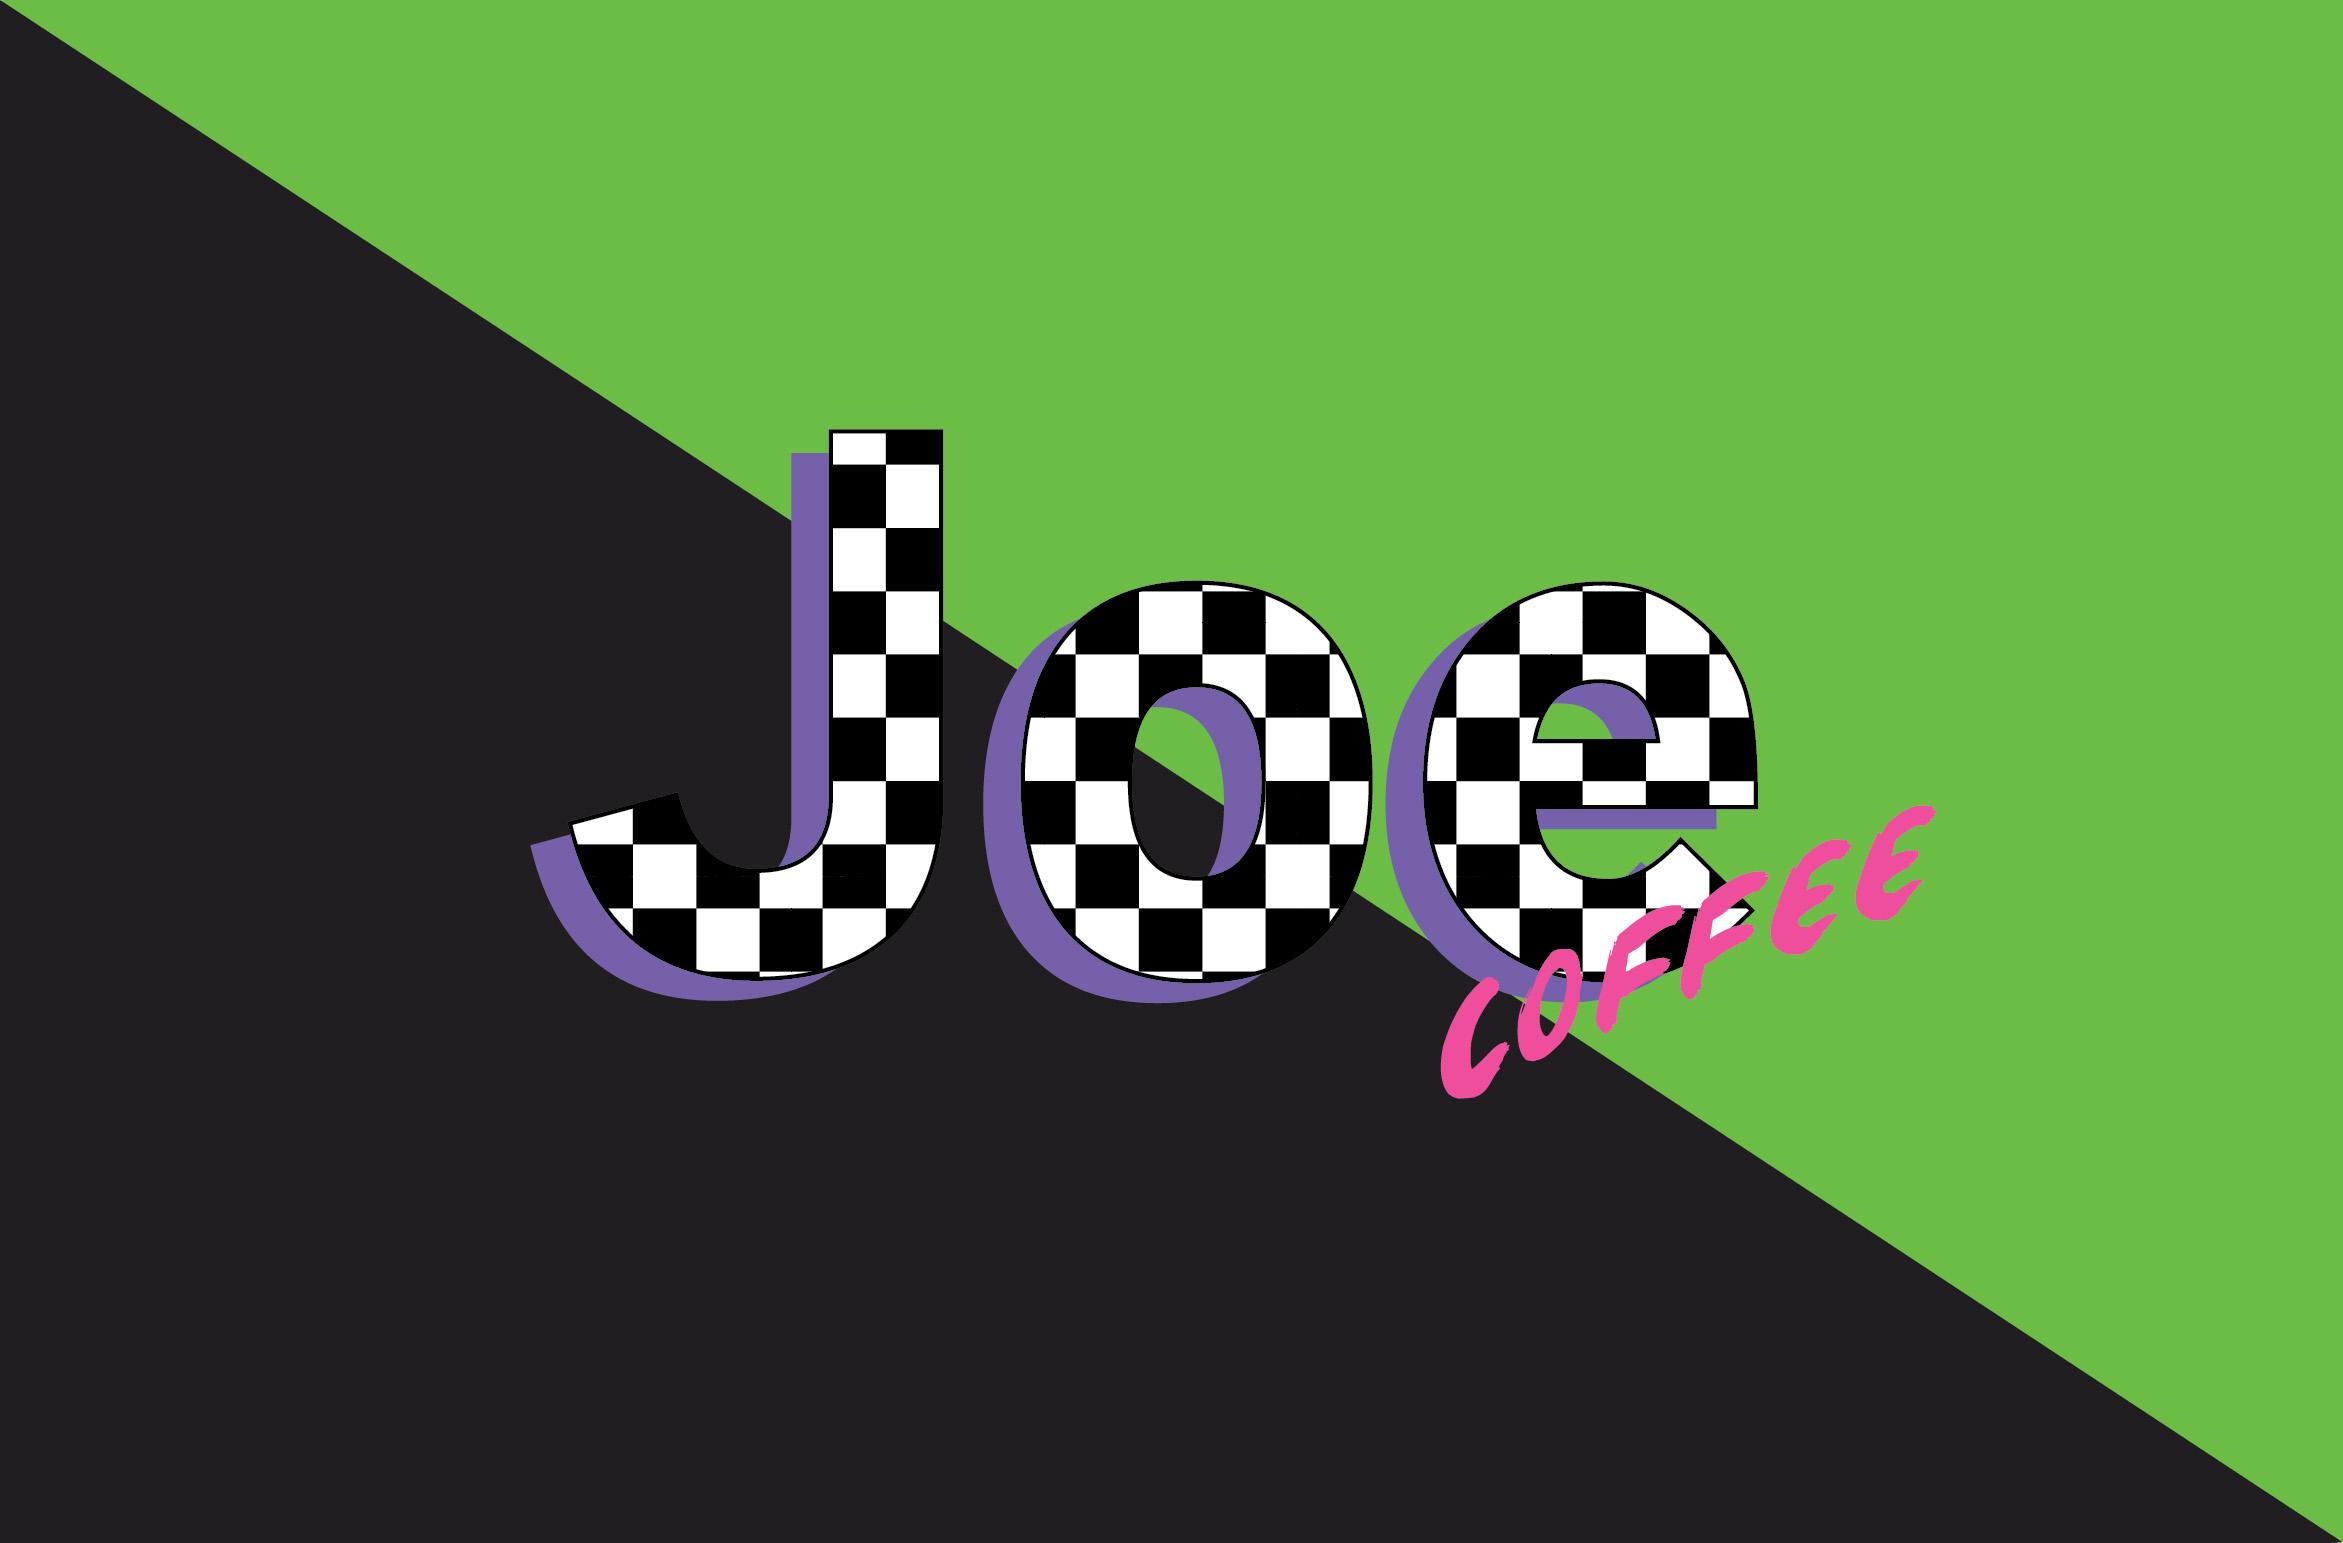 Joe MTV style wallpaper_Artboard 10-10 copy.jpg